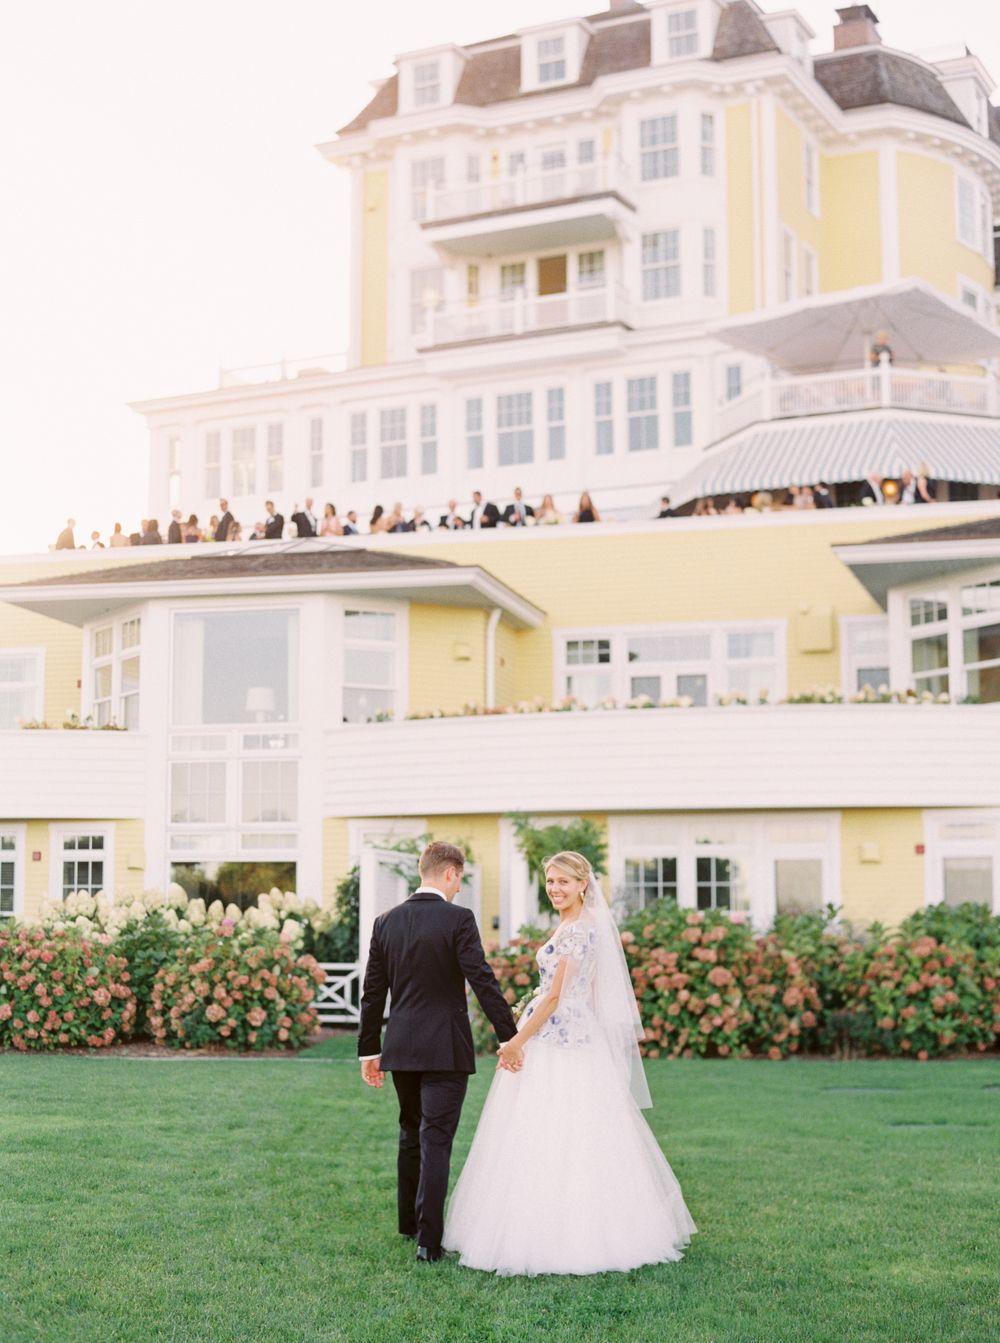 Wedding beach house  Elizabeth u Tylerus Elegant Ocean House Wedding in Watch Hill Rhode